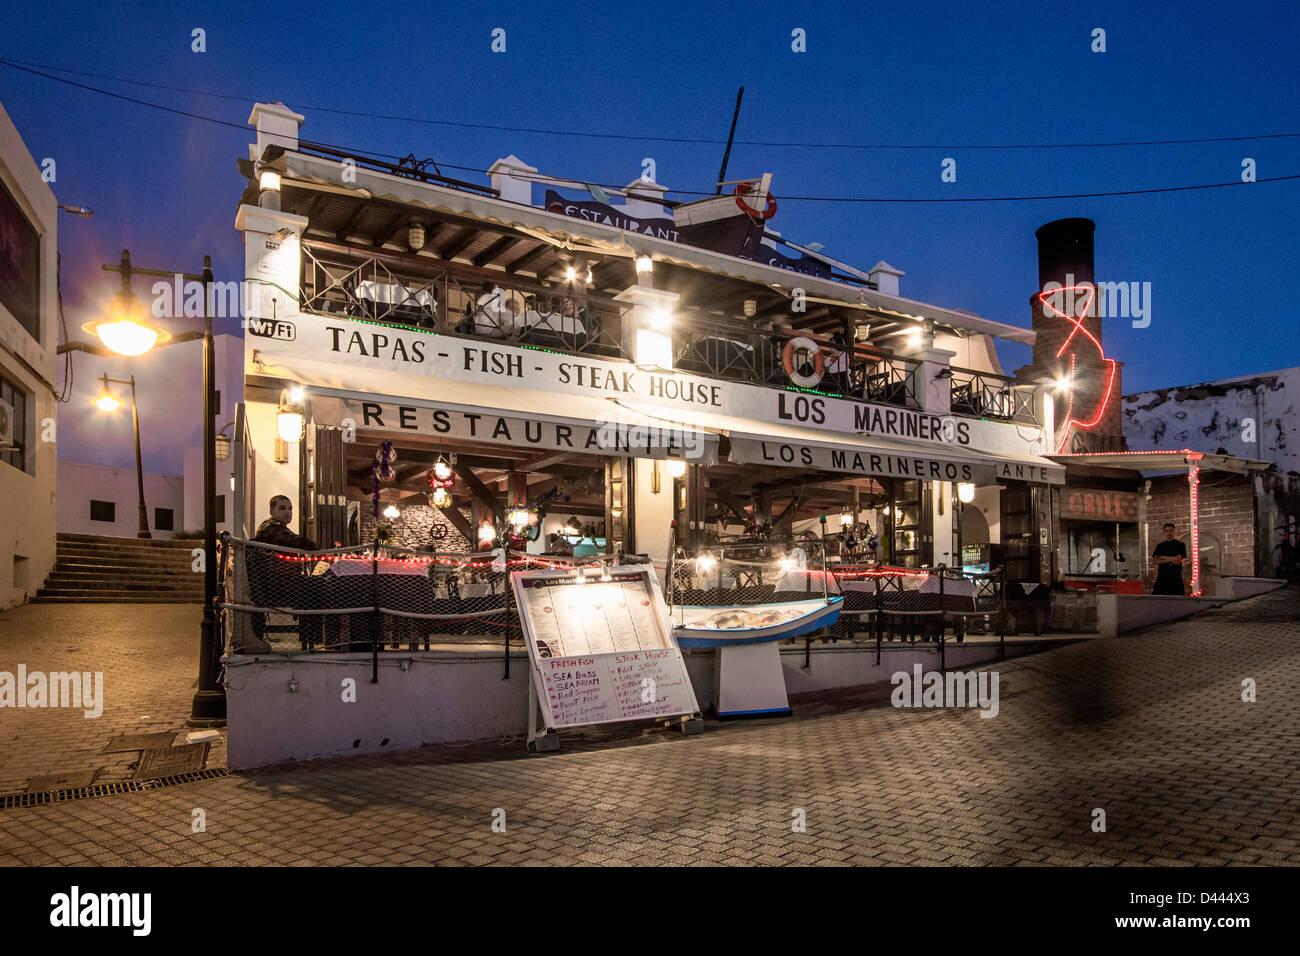 Puerto del carmen fish restaurant lanzarote canary islands spain stock photo 54181403 alamy - Port del carmen lanzarote ...